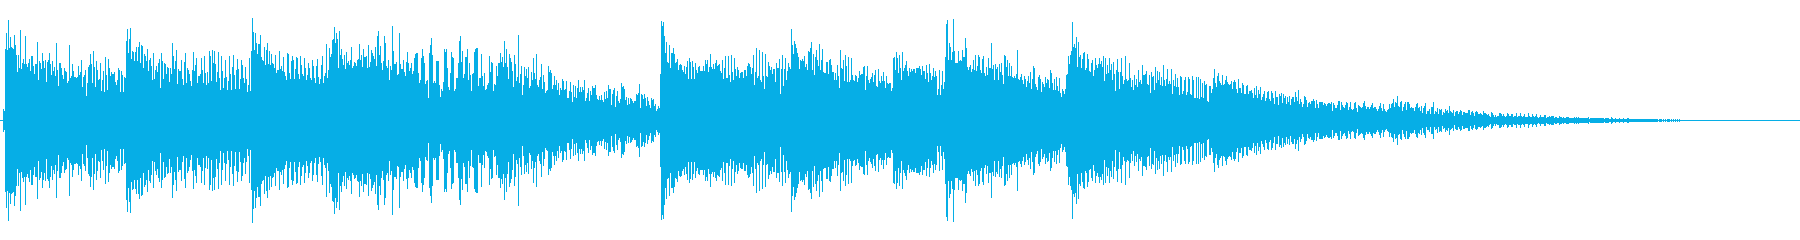 爽やかなエレピのアイキャッチの再生済みの波形